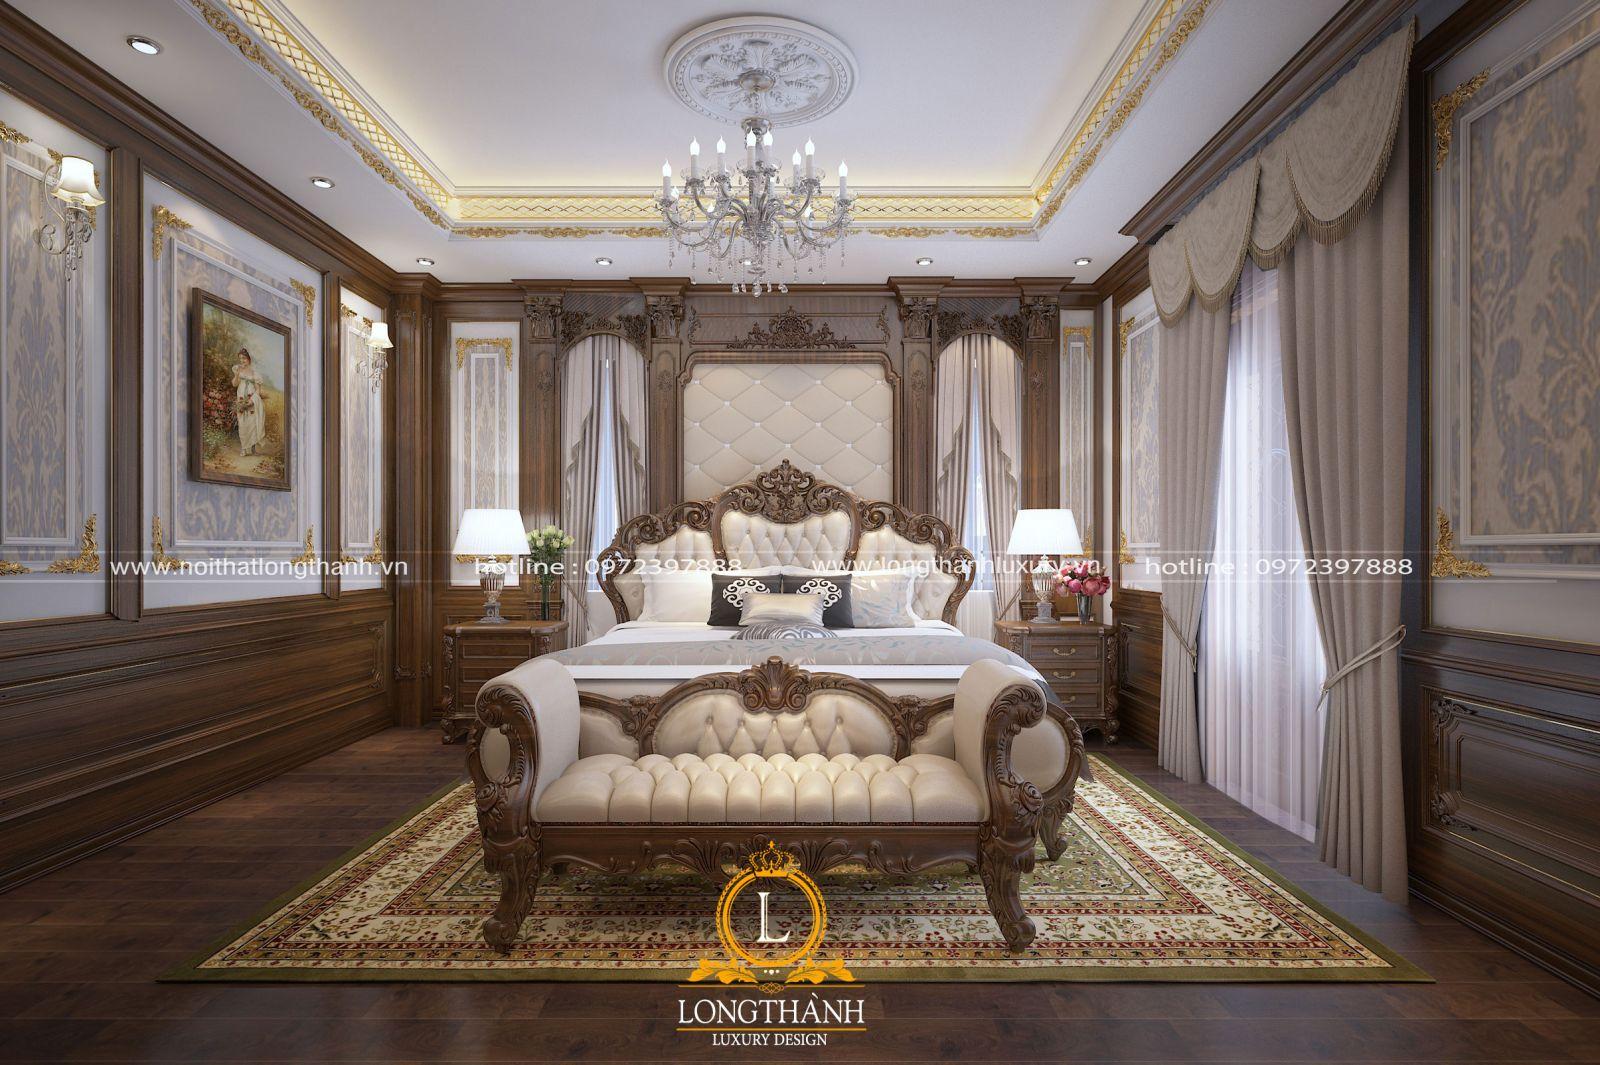 Nội thất cao cấp cho không gian phòng ngủ thanh lịch